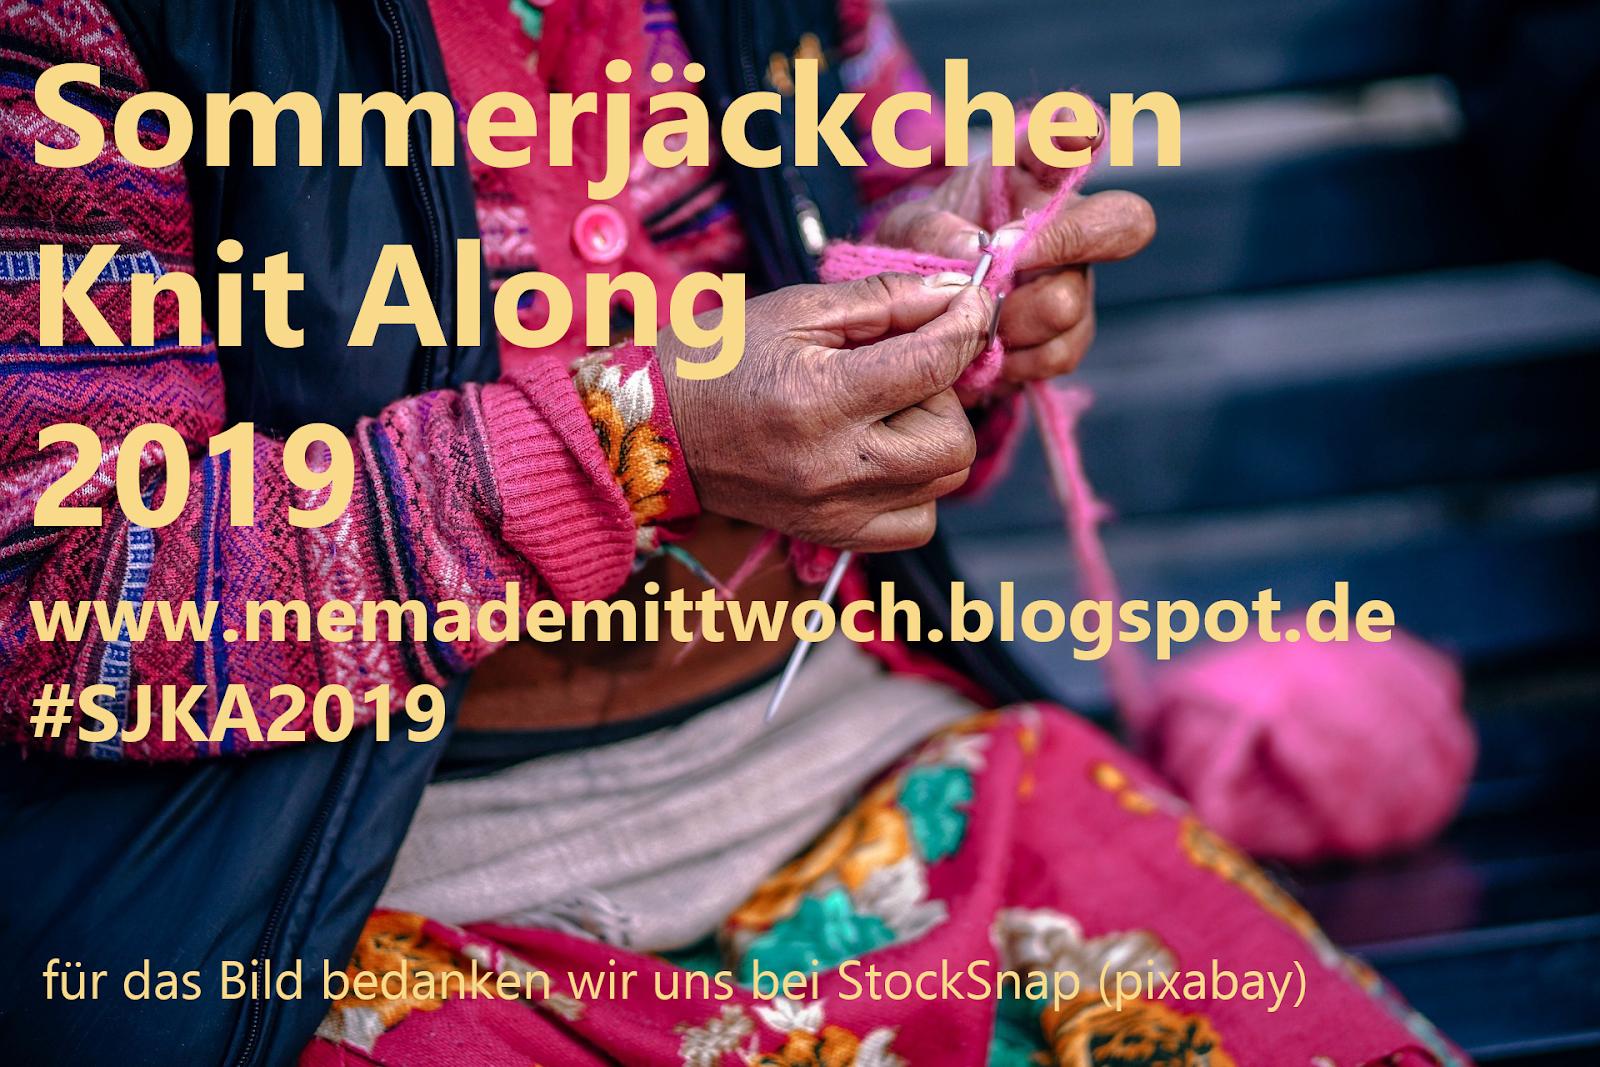 Sommerjäckchen Knit Along 2019 - da mache ich mit